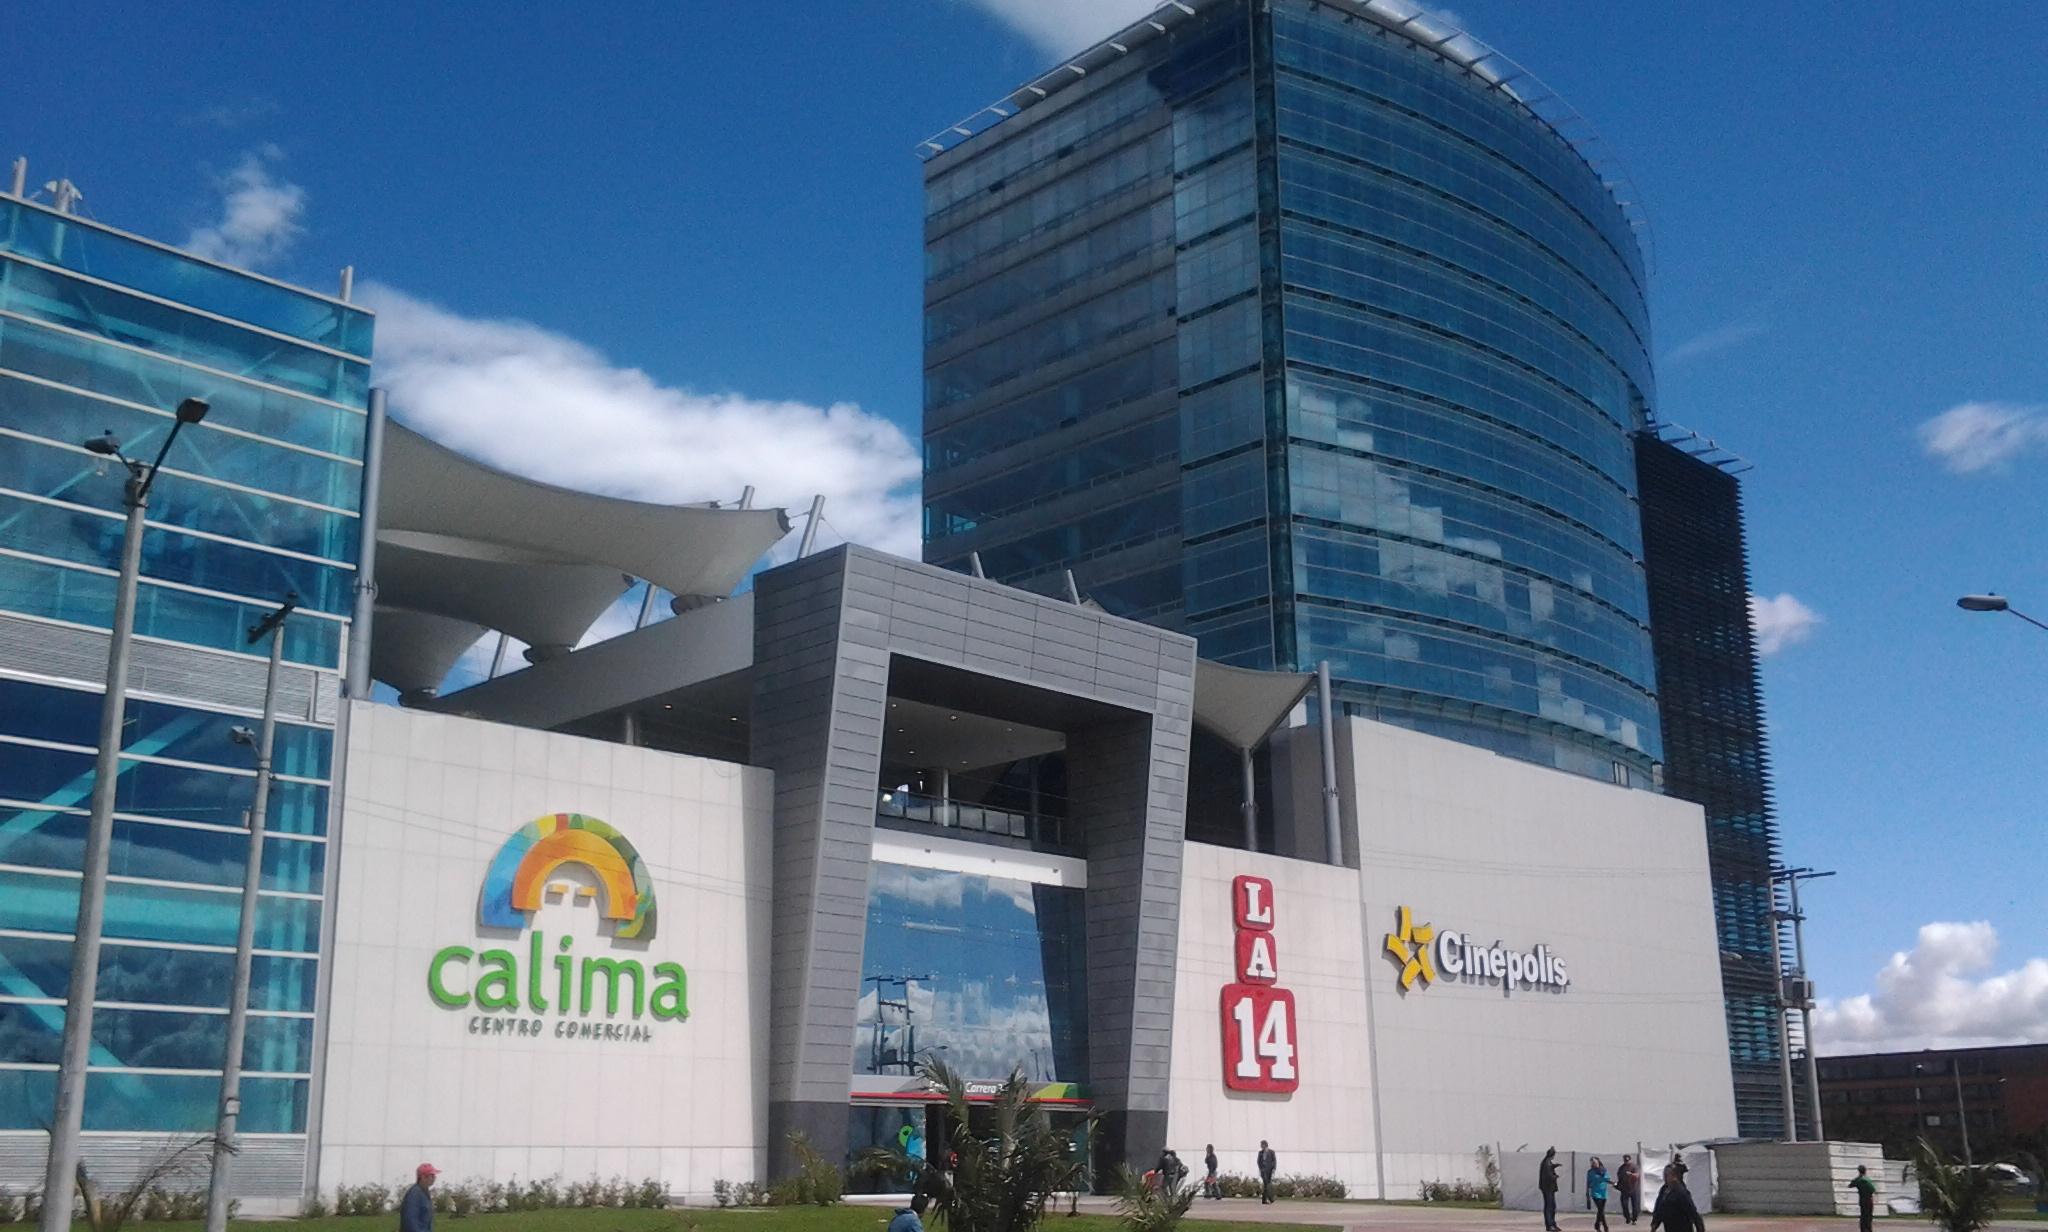 Centro comercial calima wikiwand - Centro comercial moda shoping ...